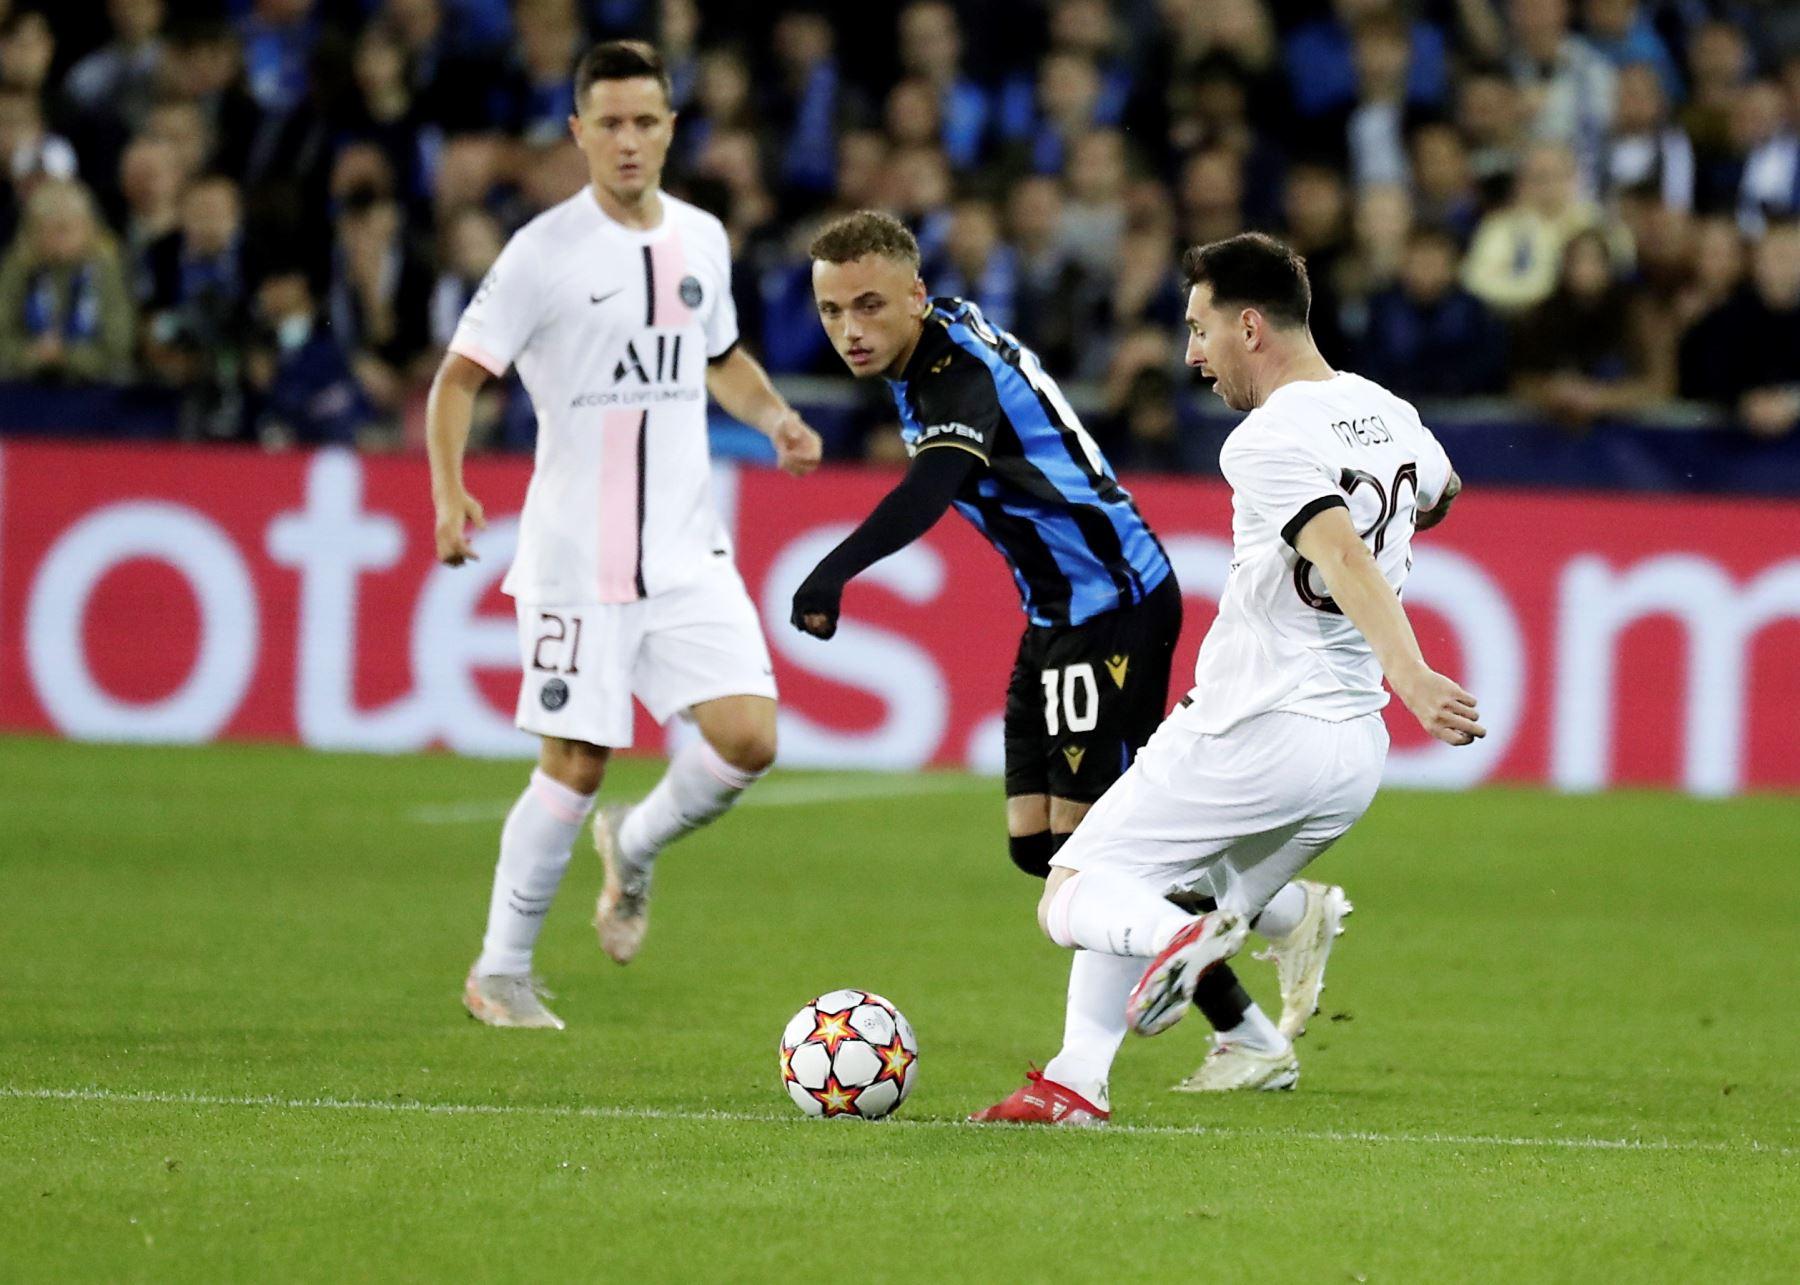 Noa Lang del Club Brujas en acción contra Lionel Messi del Paris Saint-Germain durante el grupo A de la Liga de Campeones de la UEFA de fútbol entre el Club Brujas y el Paris Saint-Germain . Foto: EFE